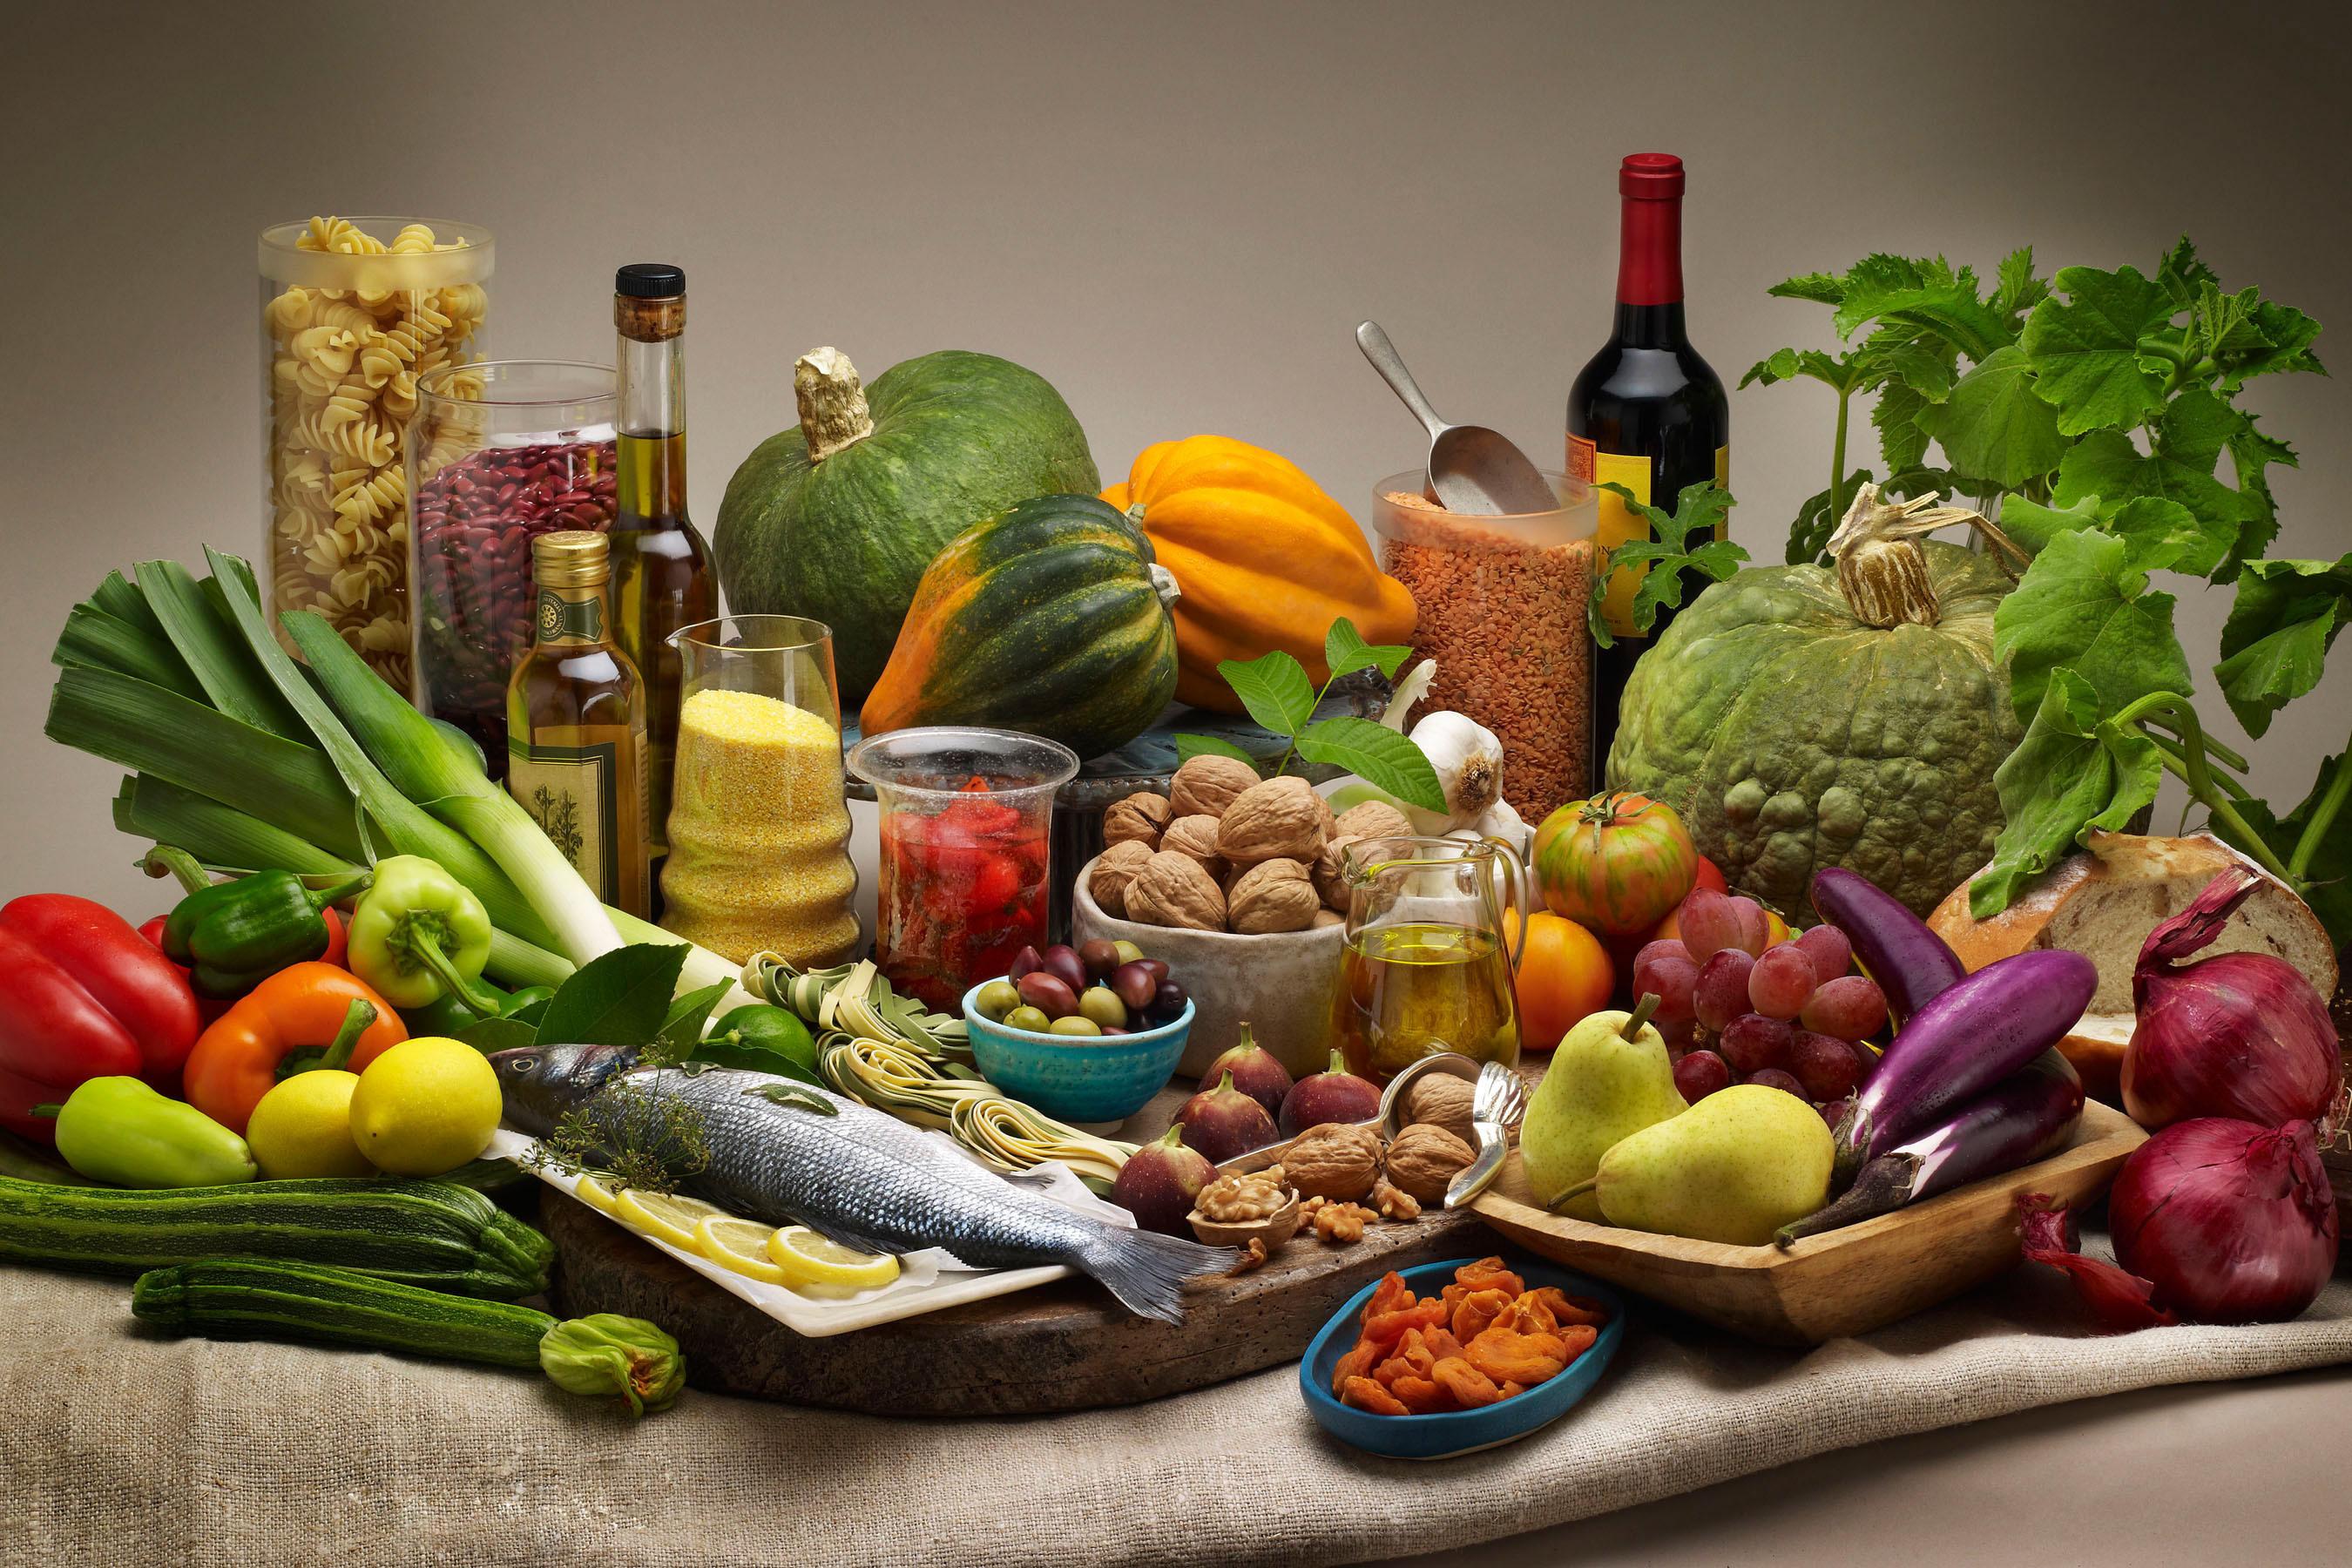 Средиземноморская диета предполагает, что врационе присутствуют овощи, фрукты ирыба. Добавление кэтой диете оливкового масла, как оказалось, может улучшить работу «хорошего холестерина».